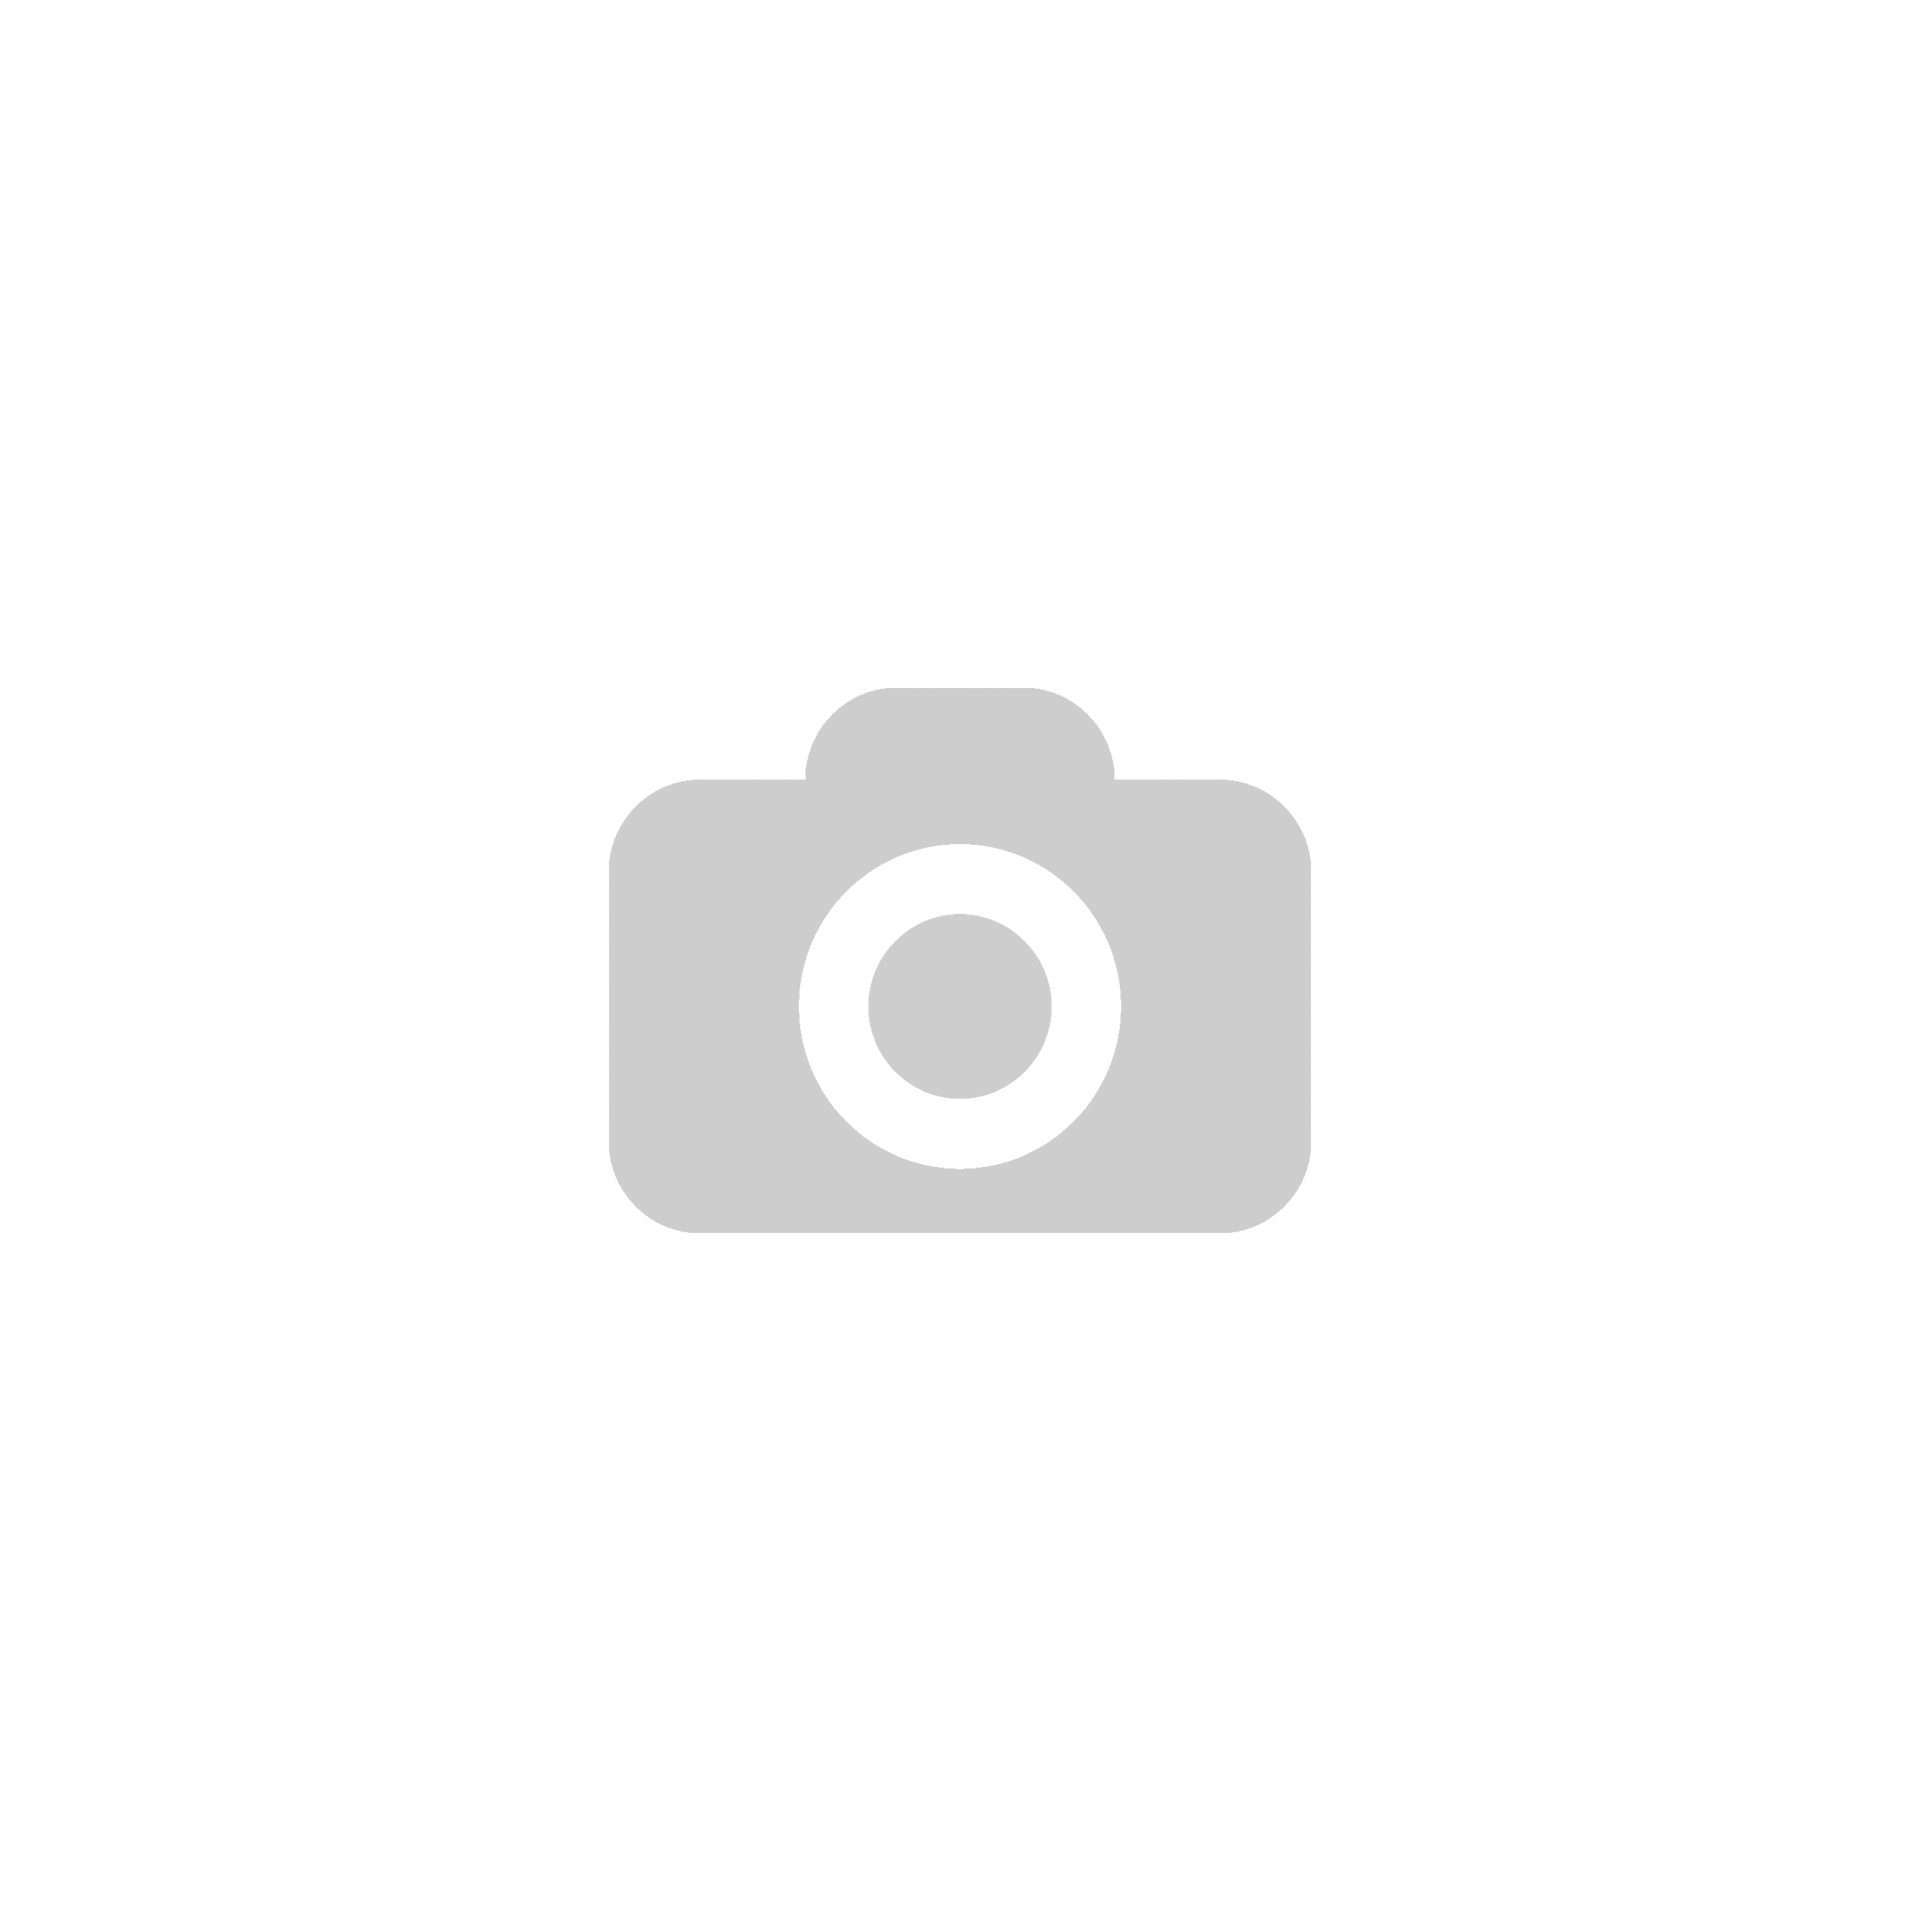 HJA 14.4-18 fűthető kabát, XXL (akku és töltő nélkül, kartonban) + Power adapter akkuhoz METABO